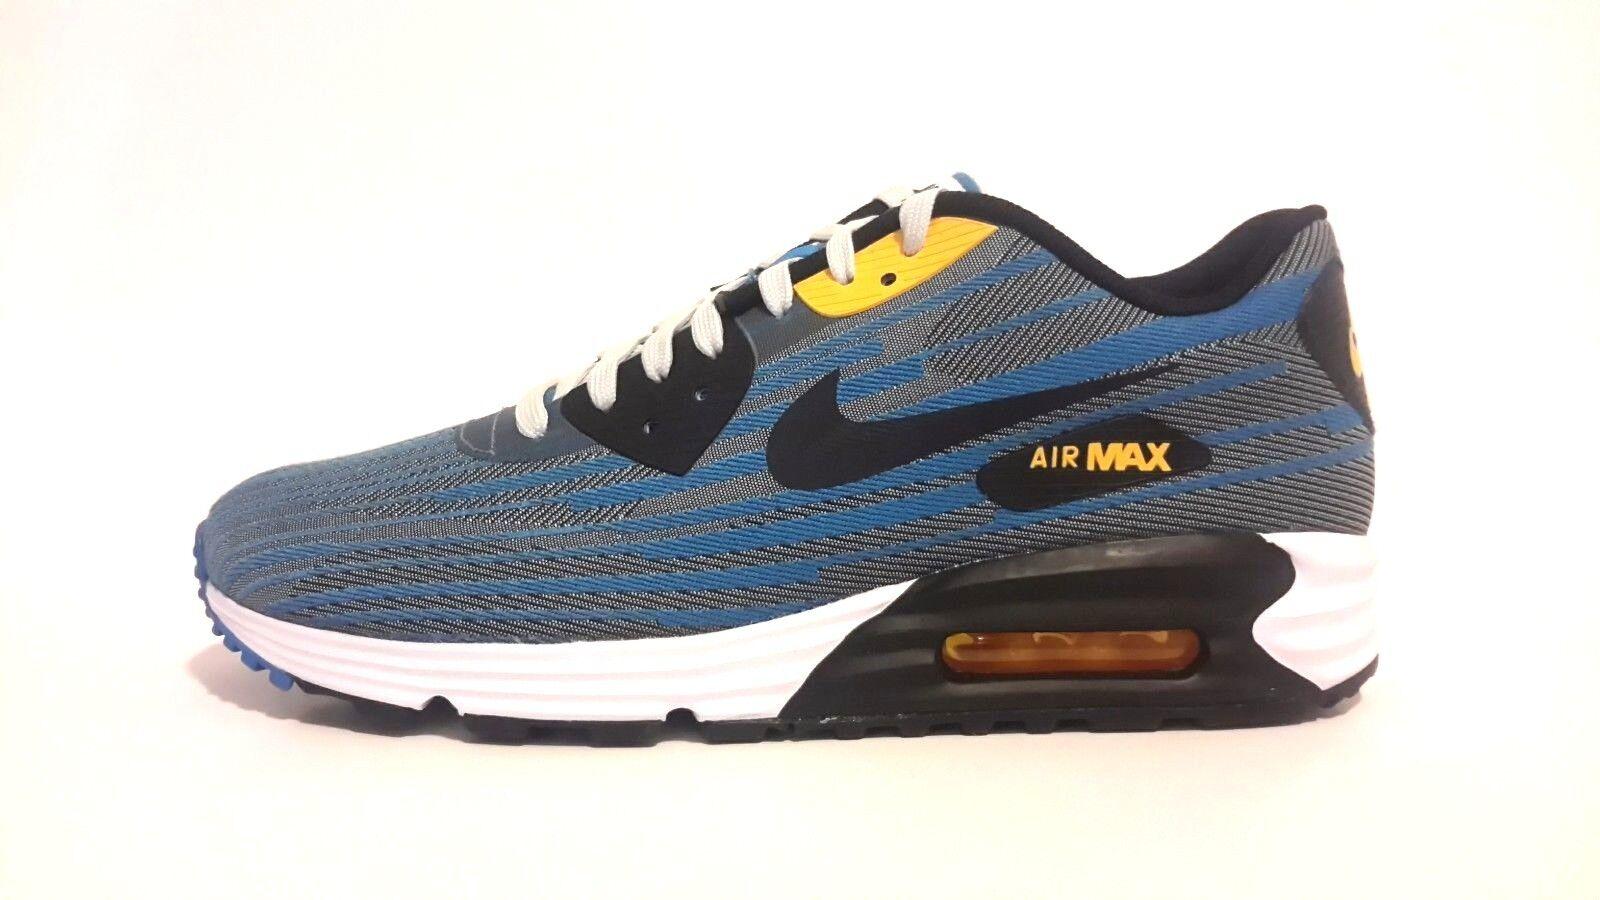 Nike air max 90 leggera nuovi uomini lunare jcrd 654468-001 soda leggera 90 neri foto blu 4aac96